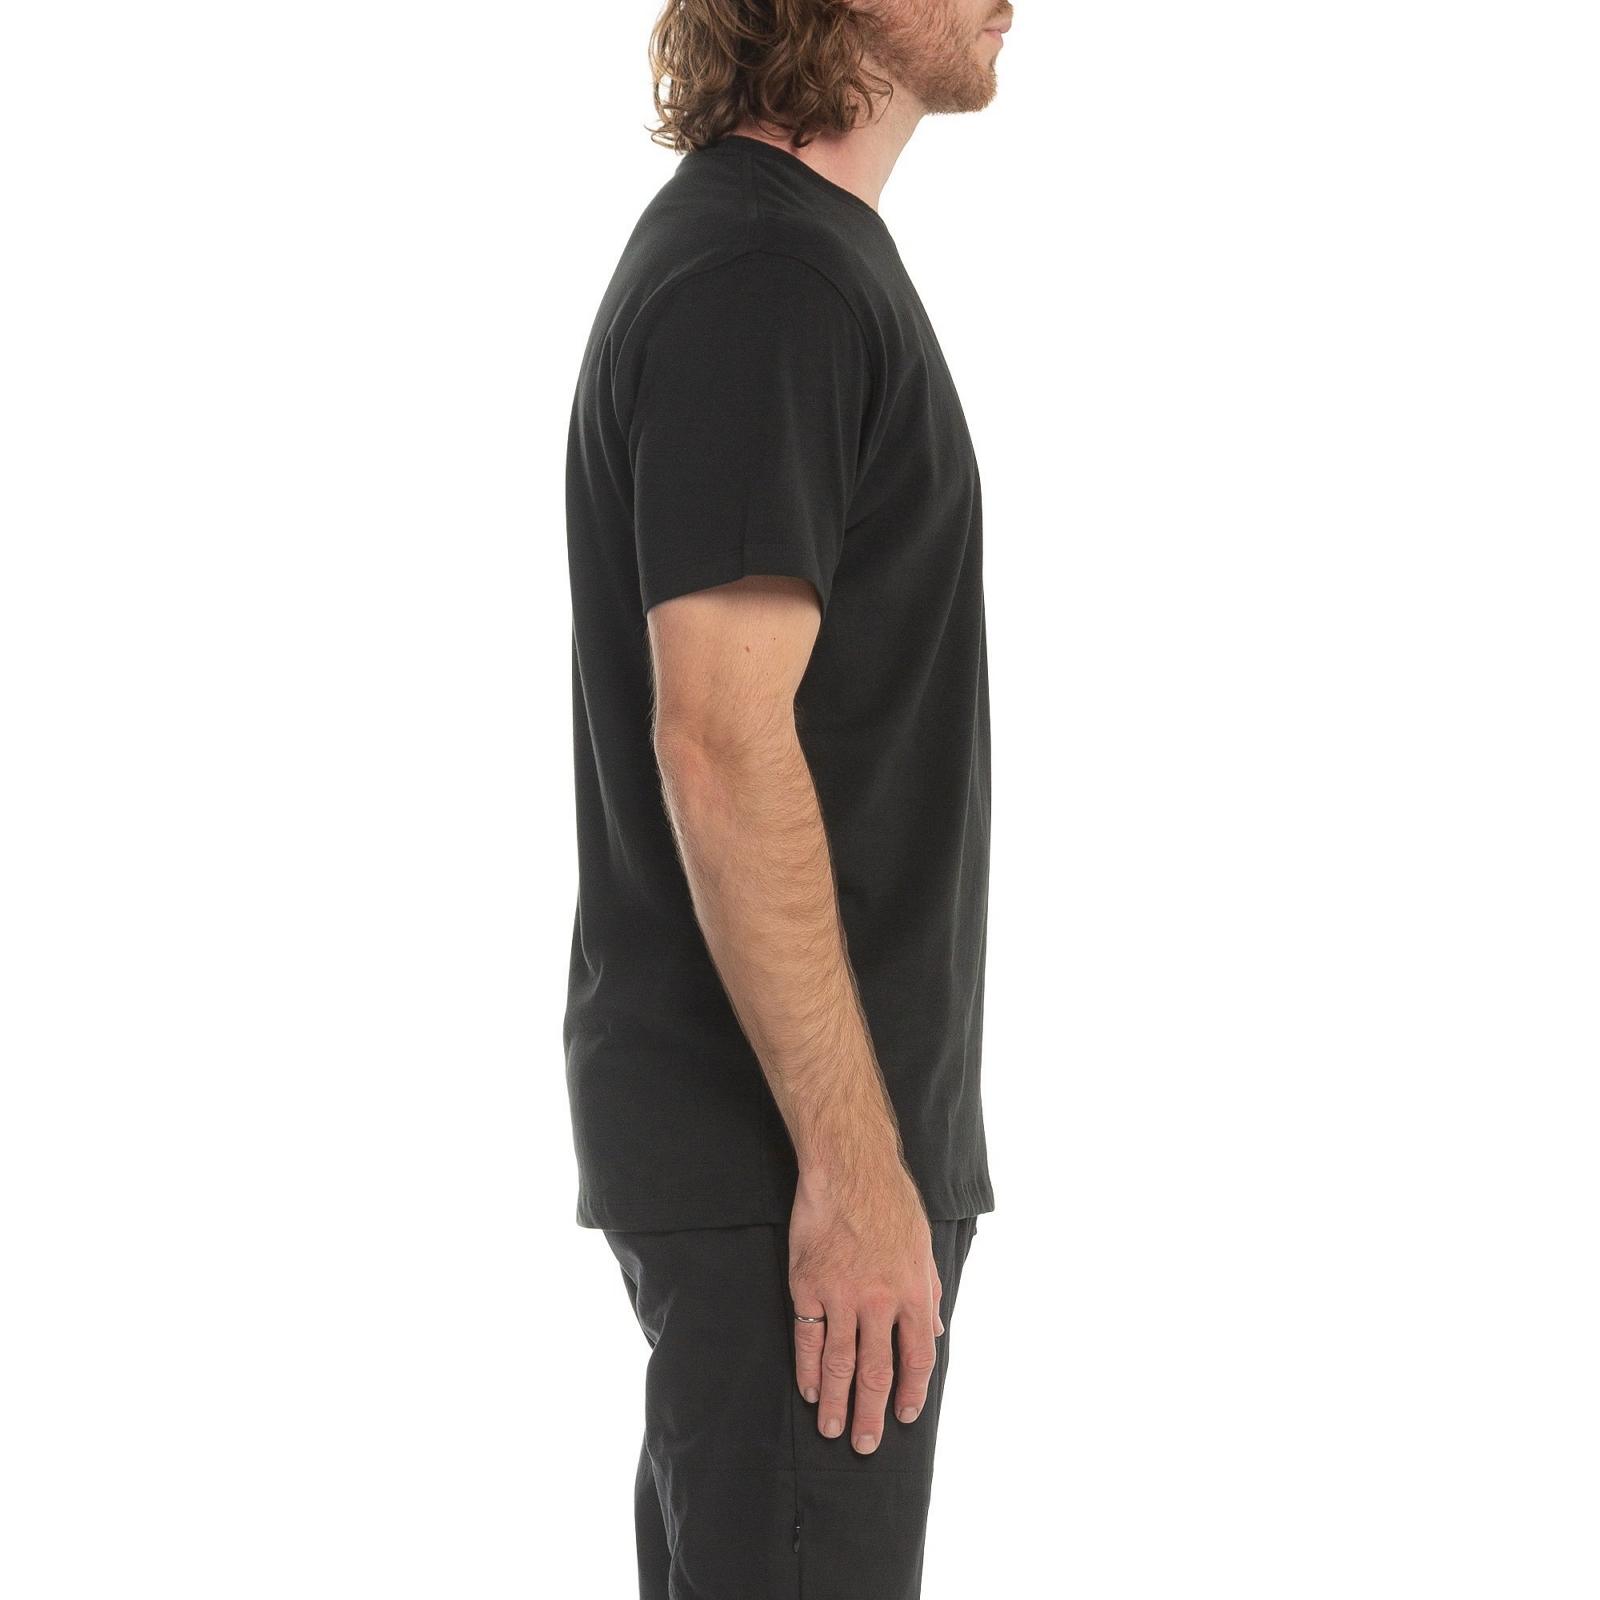 【PUBLISH BRAND/パブリッシュブランド】JEMS カットソーTシャツ / BLACK